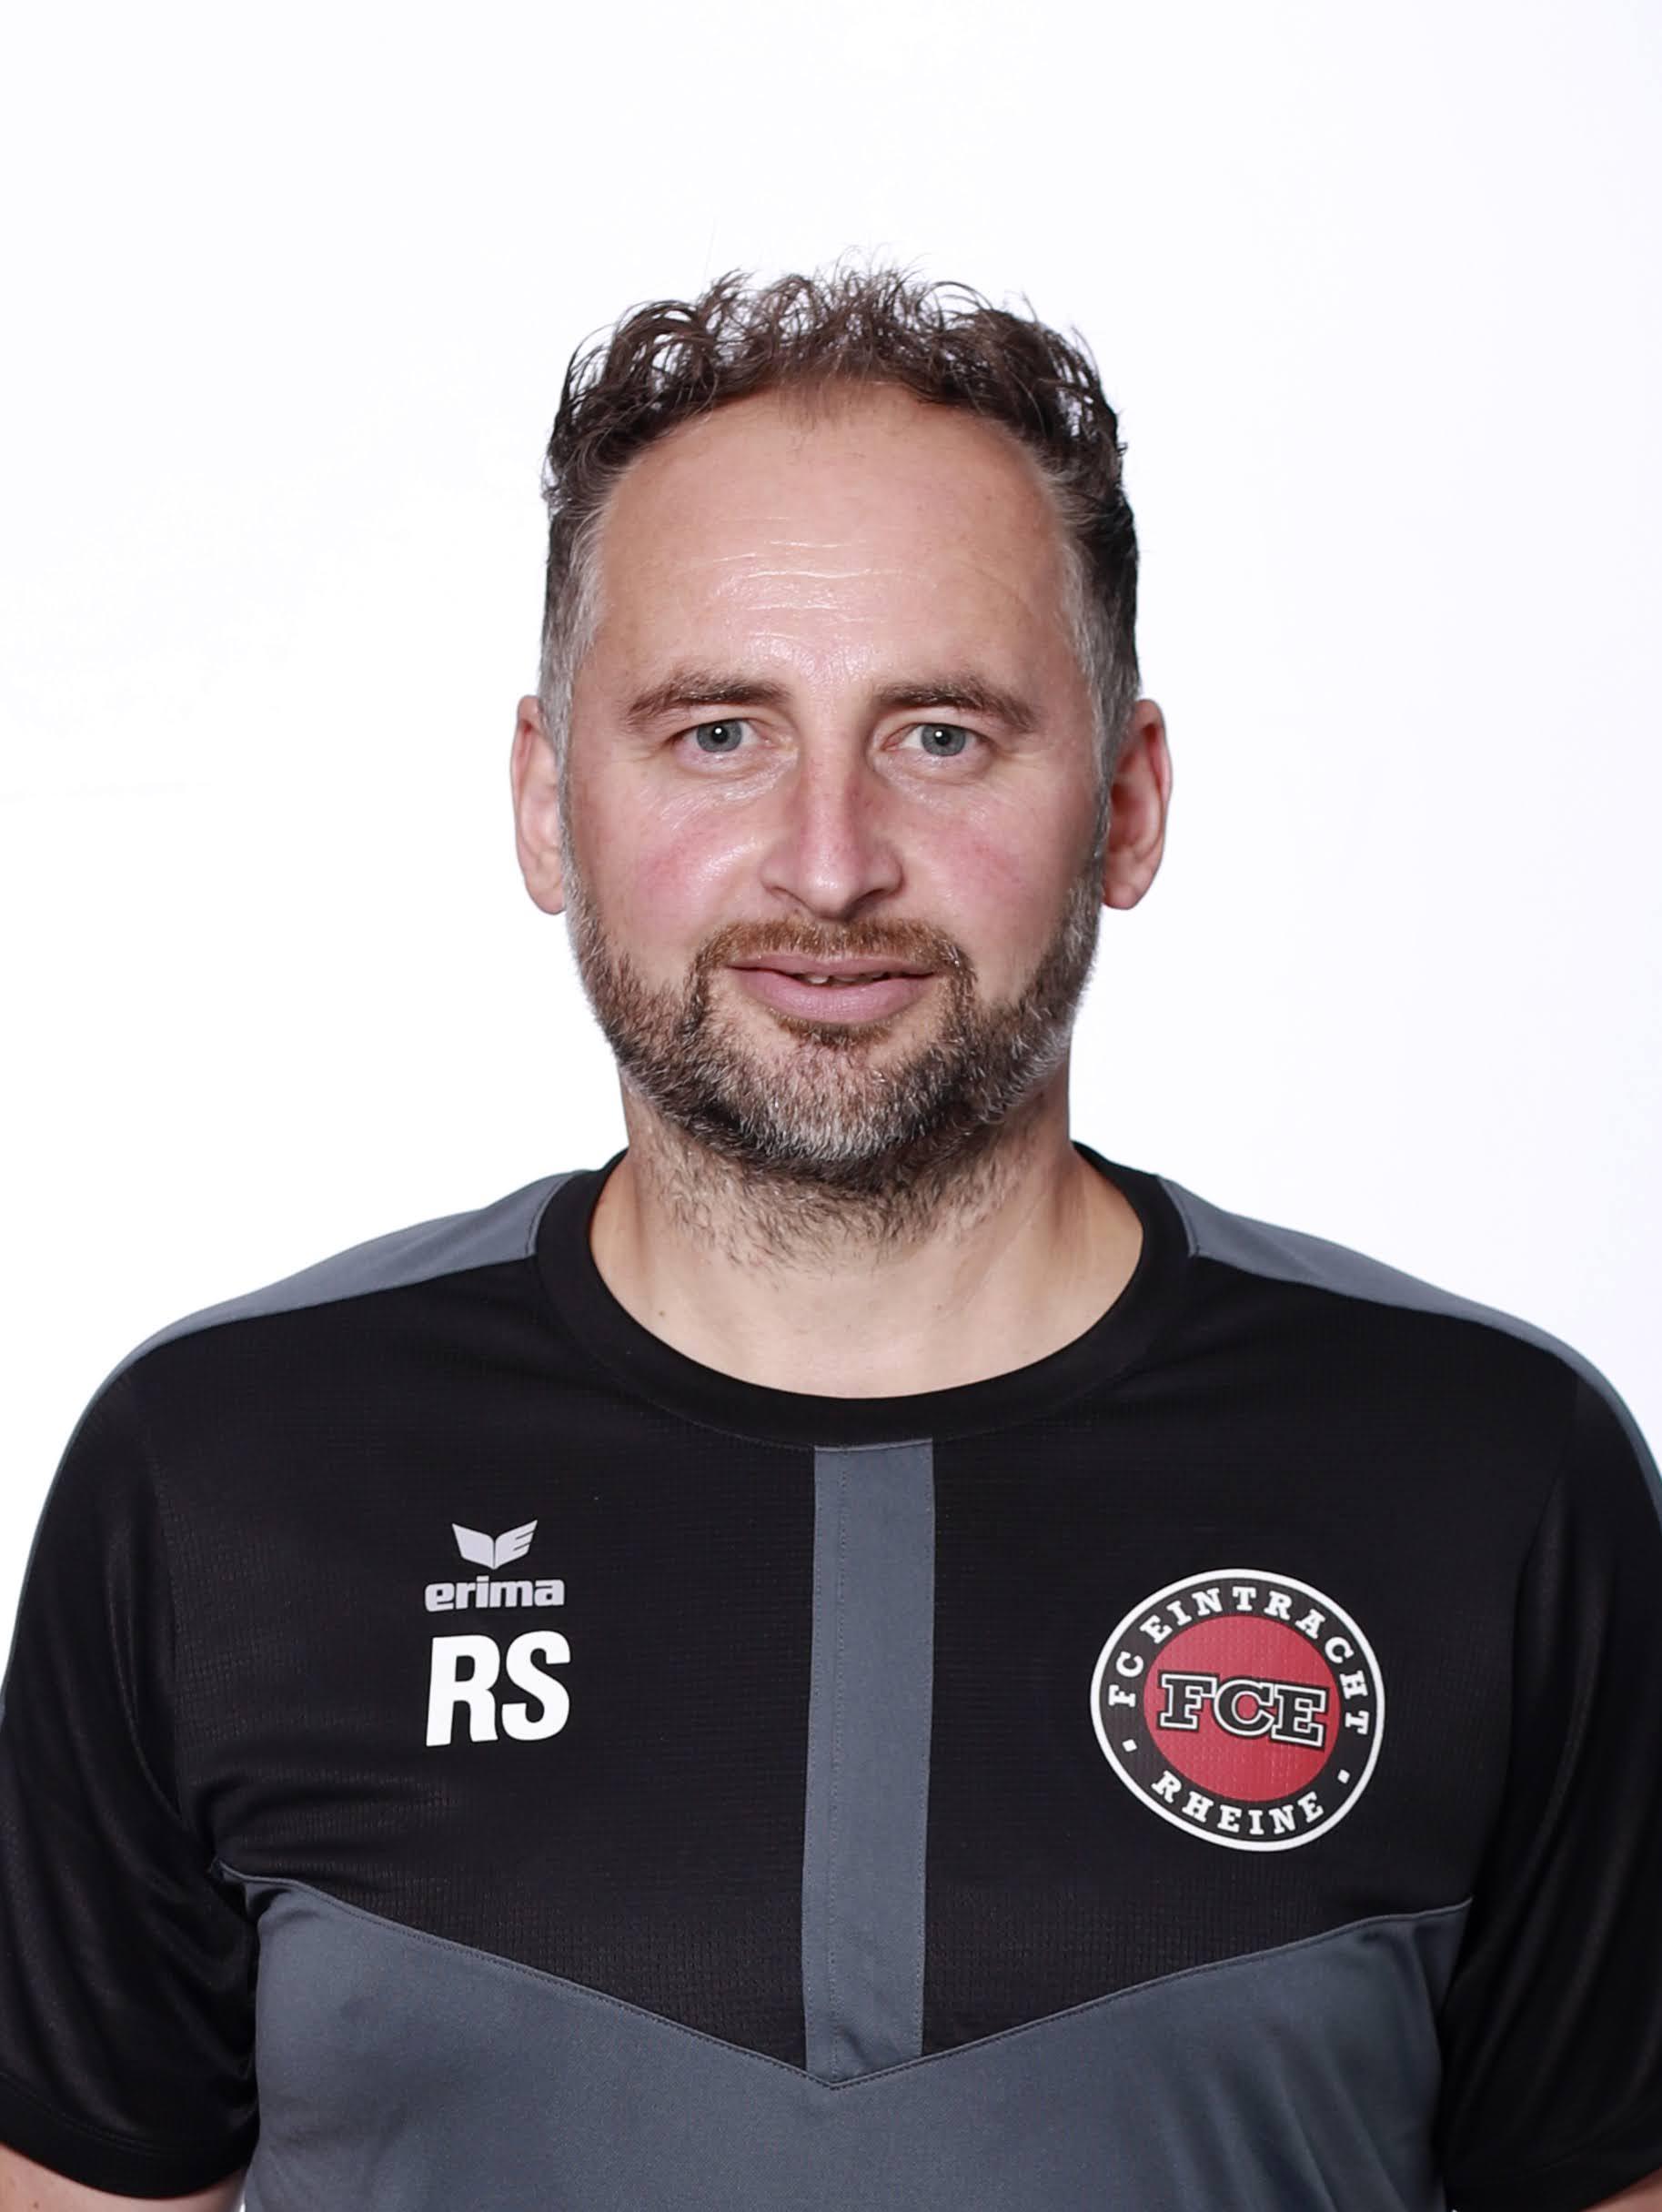 Rainer Sobiech